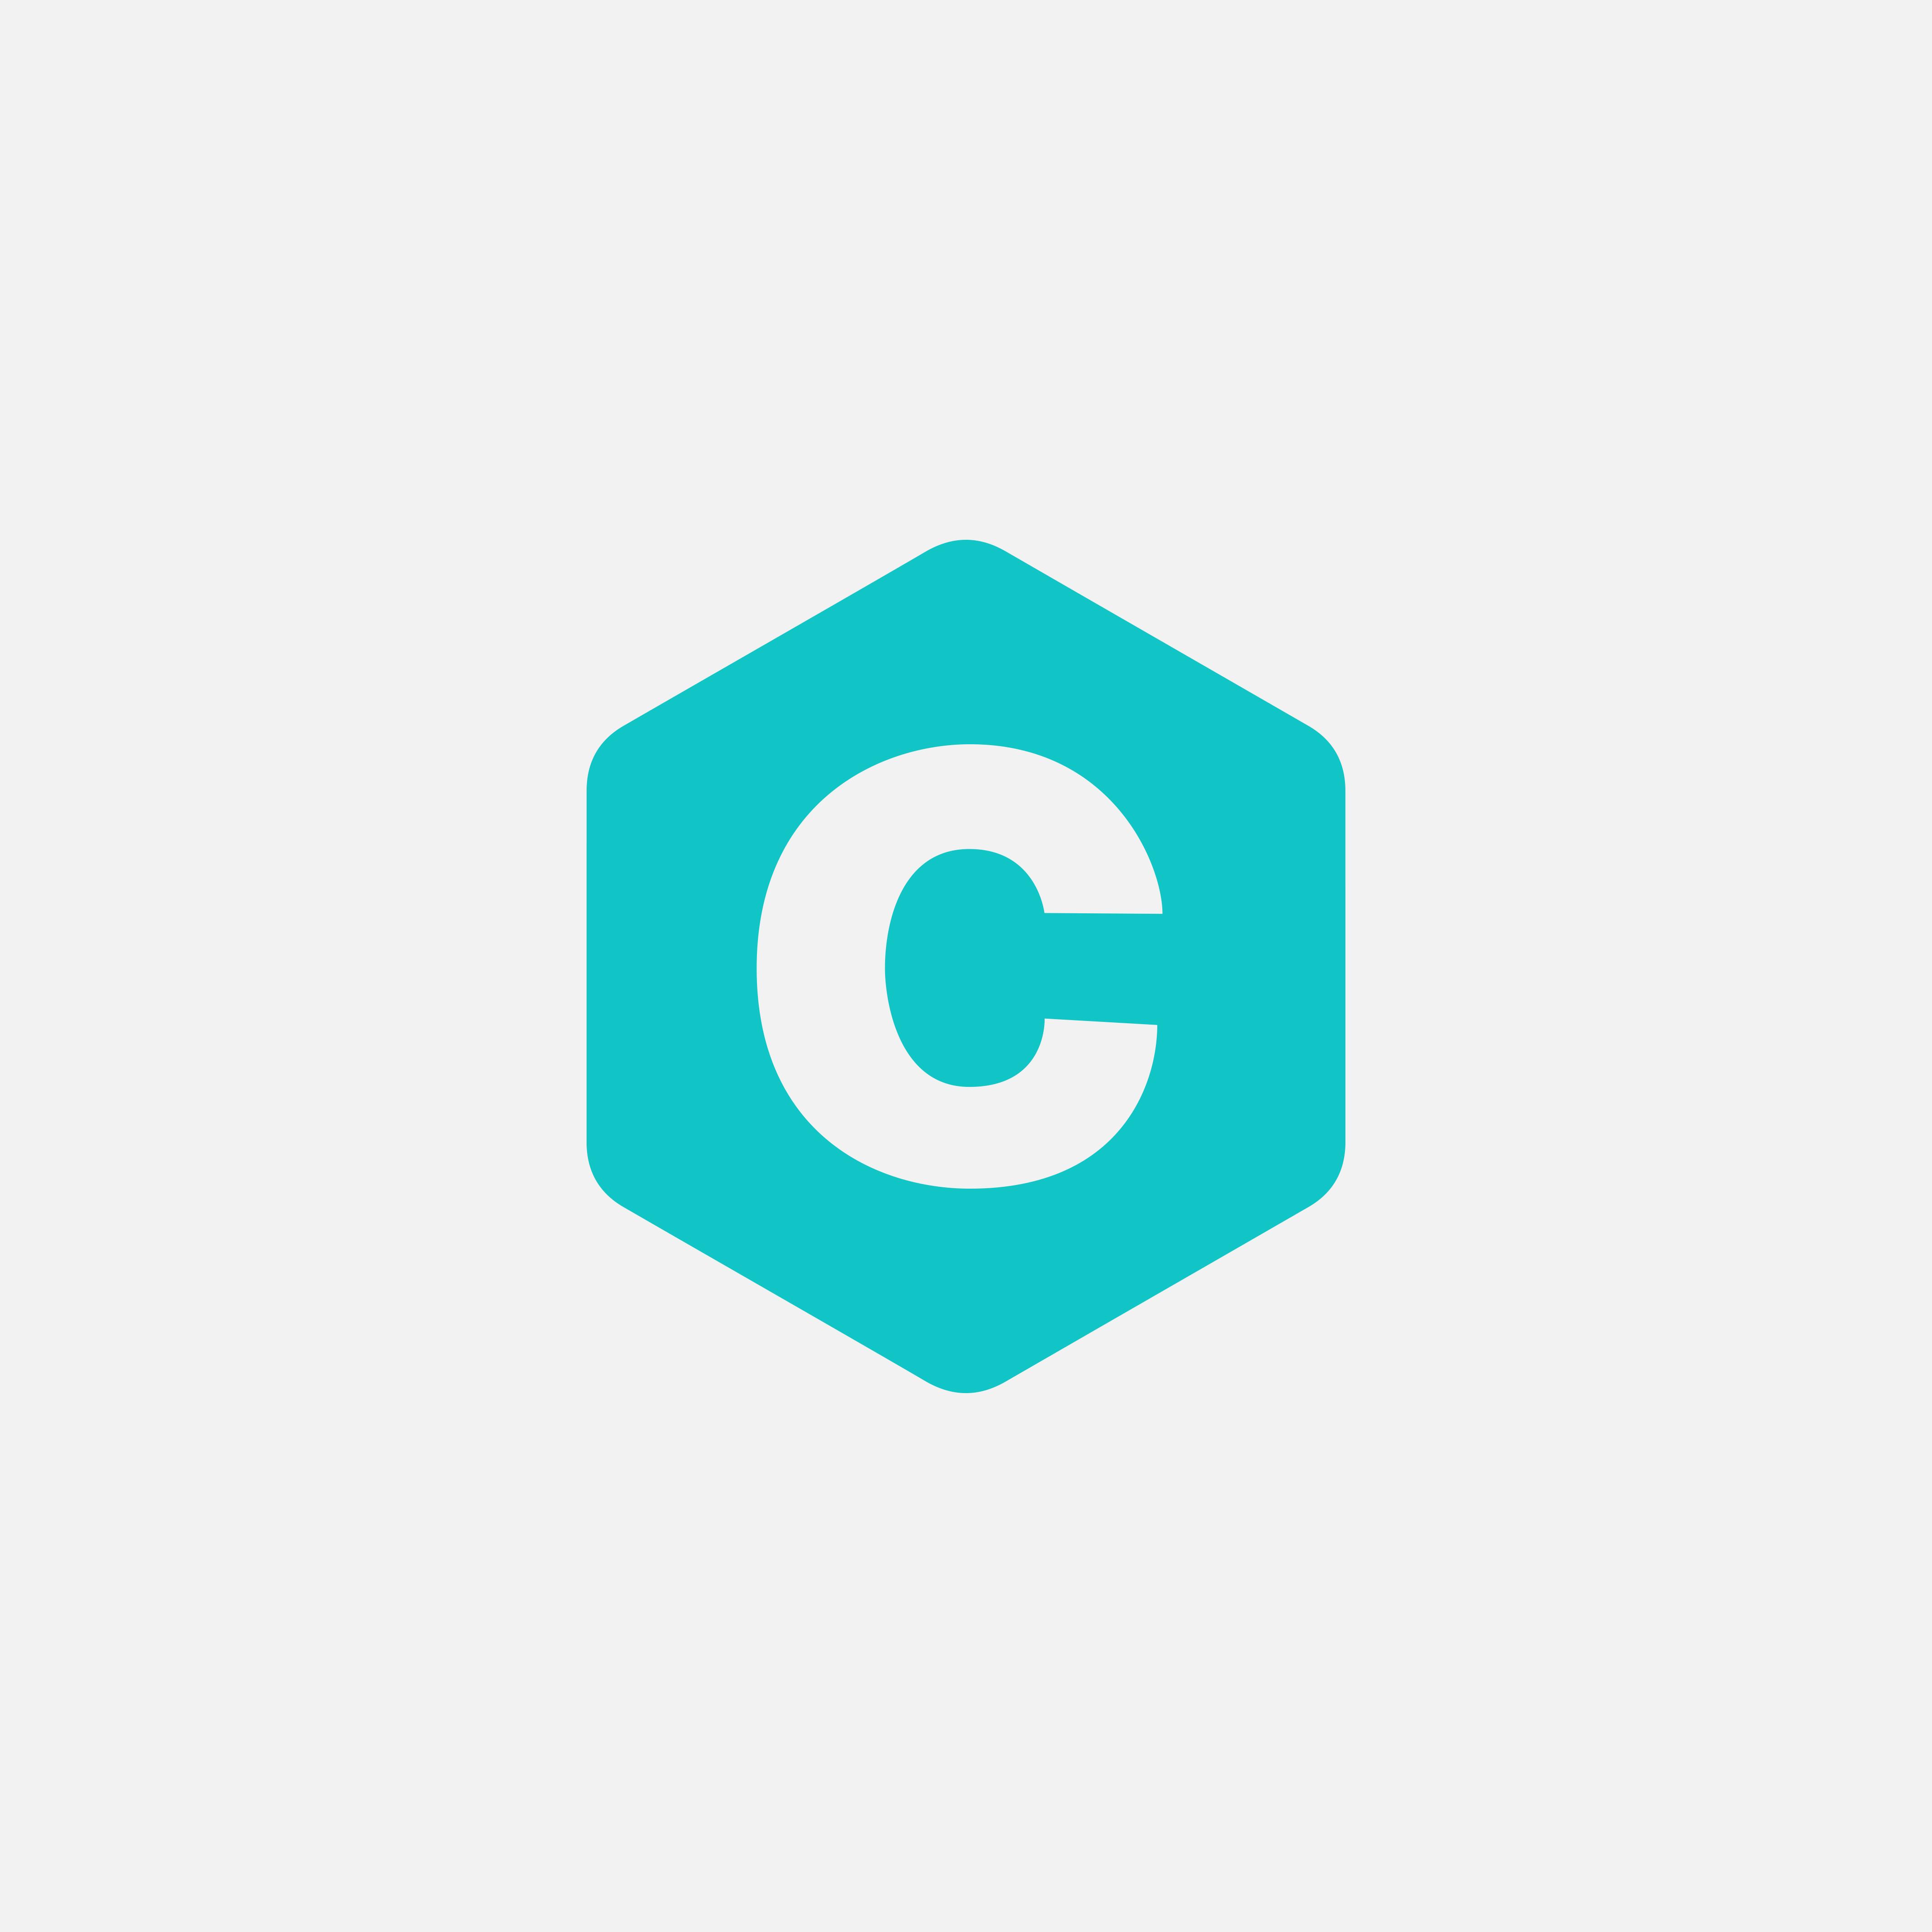 Memulai Pemrograman Dengan C